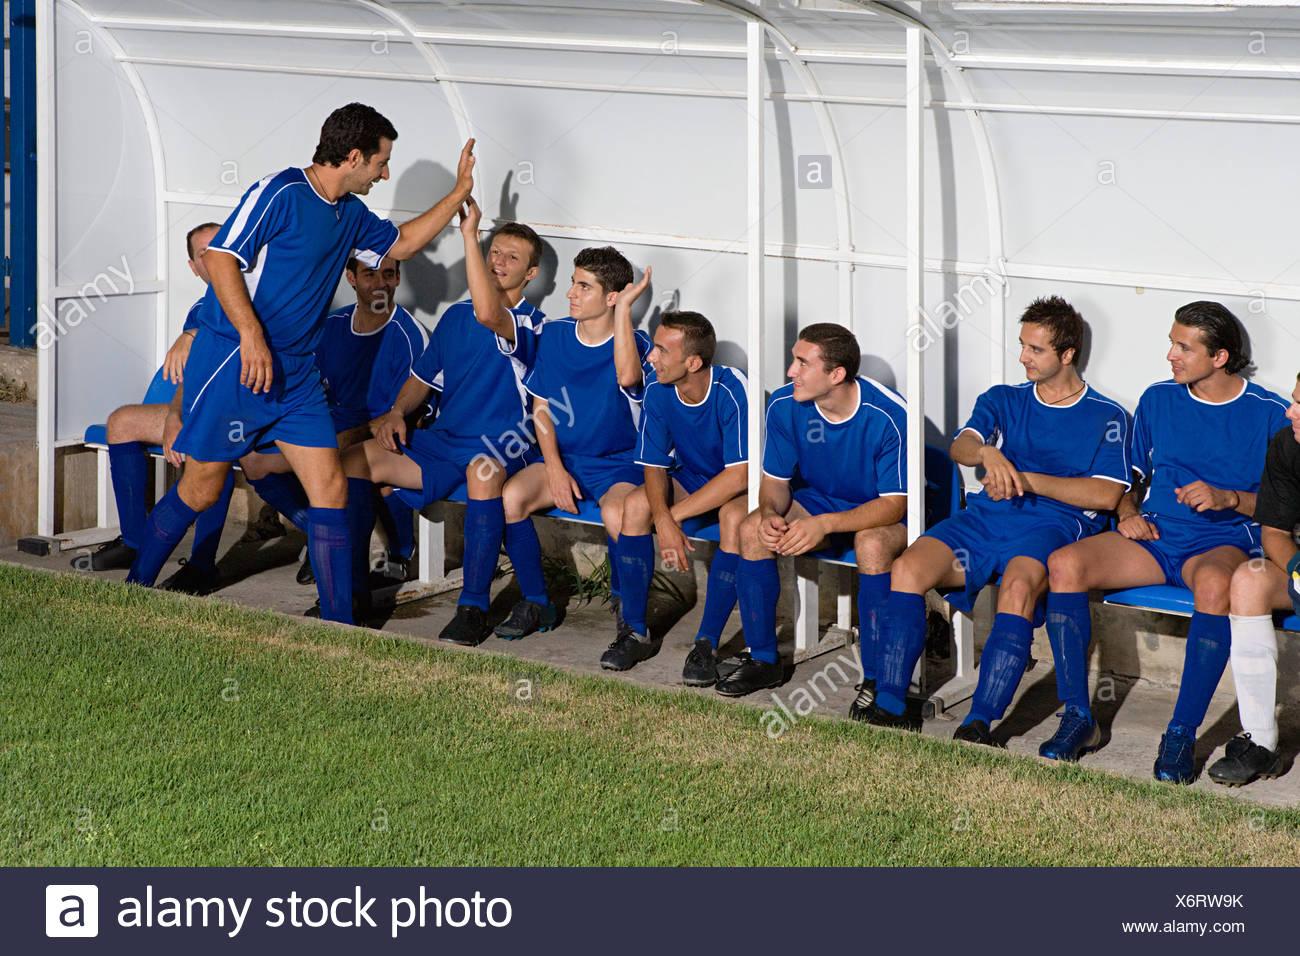 Célèbre footballeur avec coéquipiers Photo Stock